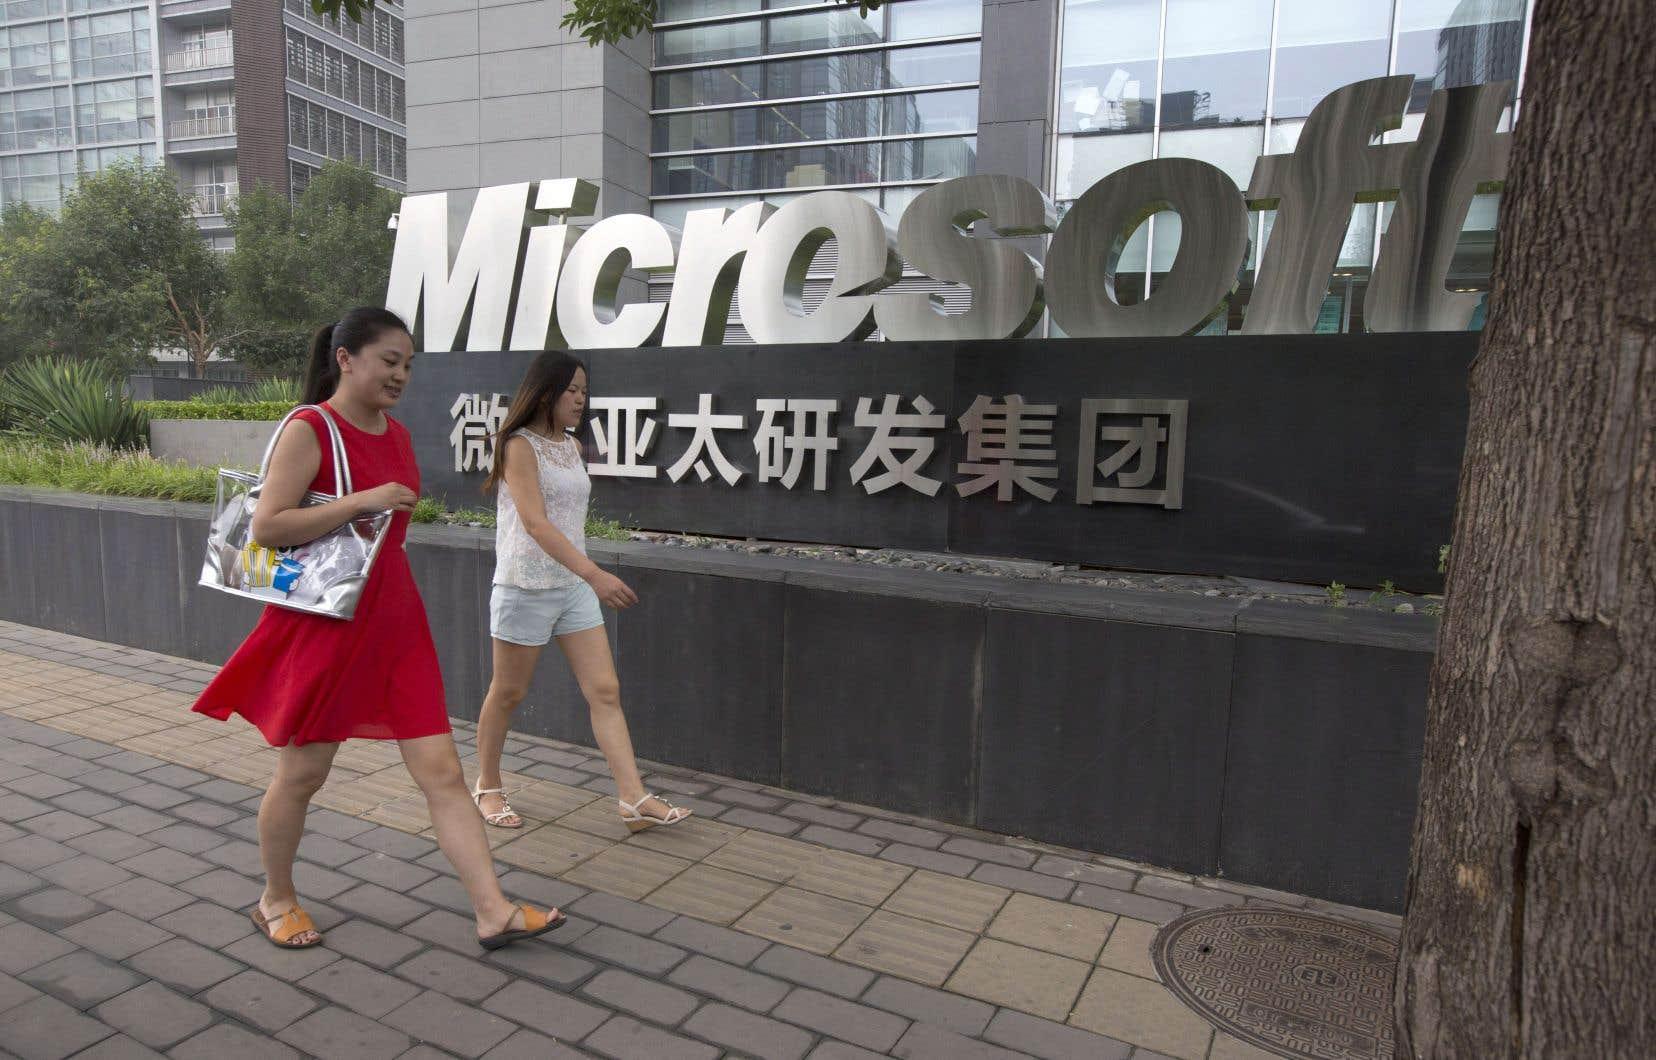 Dénonçant un pillage systématique devant un tribunal chinois, Microsoft a finalement gagné son procès, mais avec des dommages et intérêts jugés dérisoires de 32 000 $US.